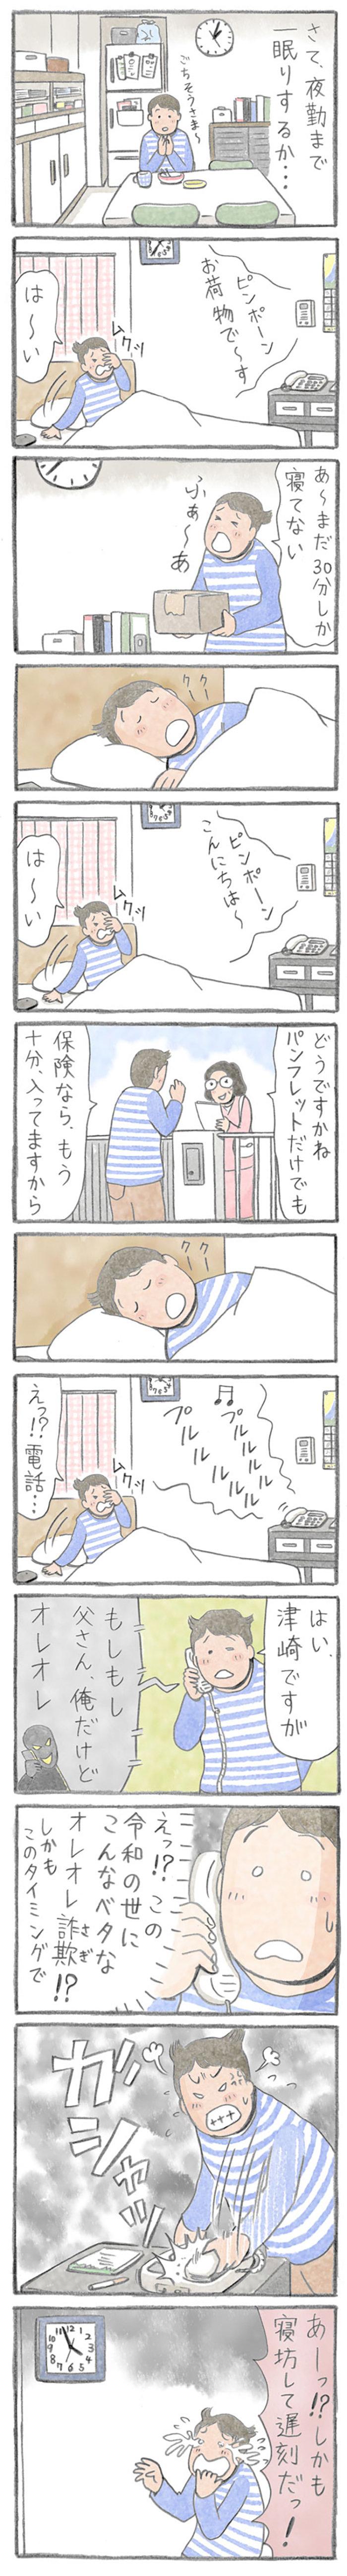 「夜勤前」.jpg